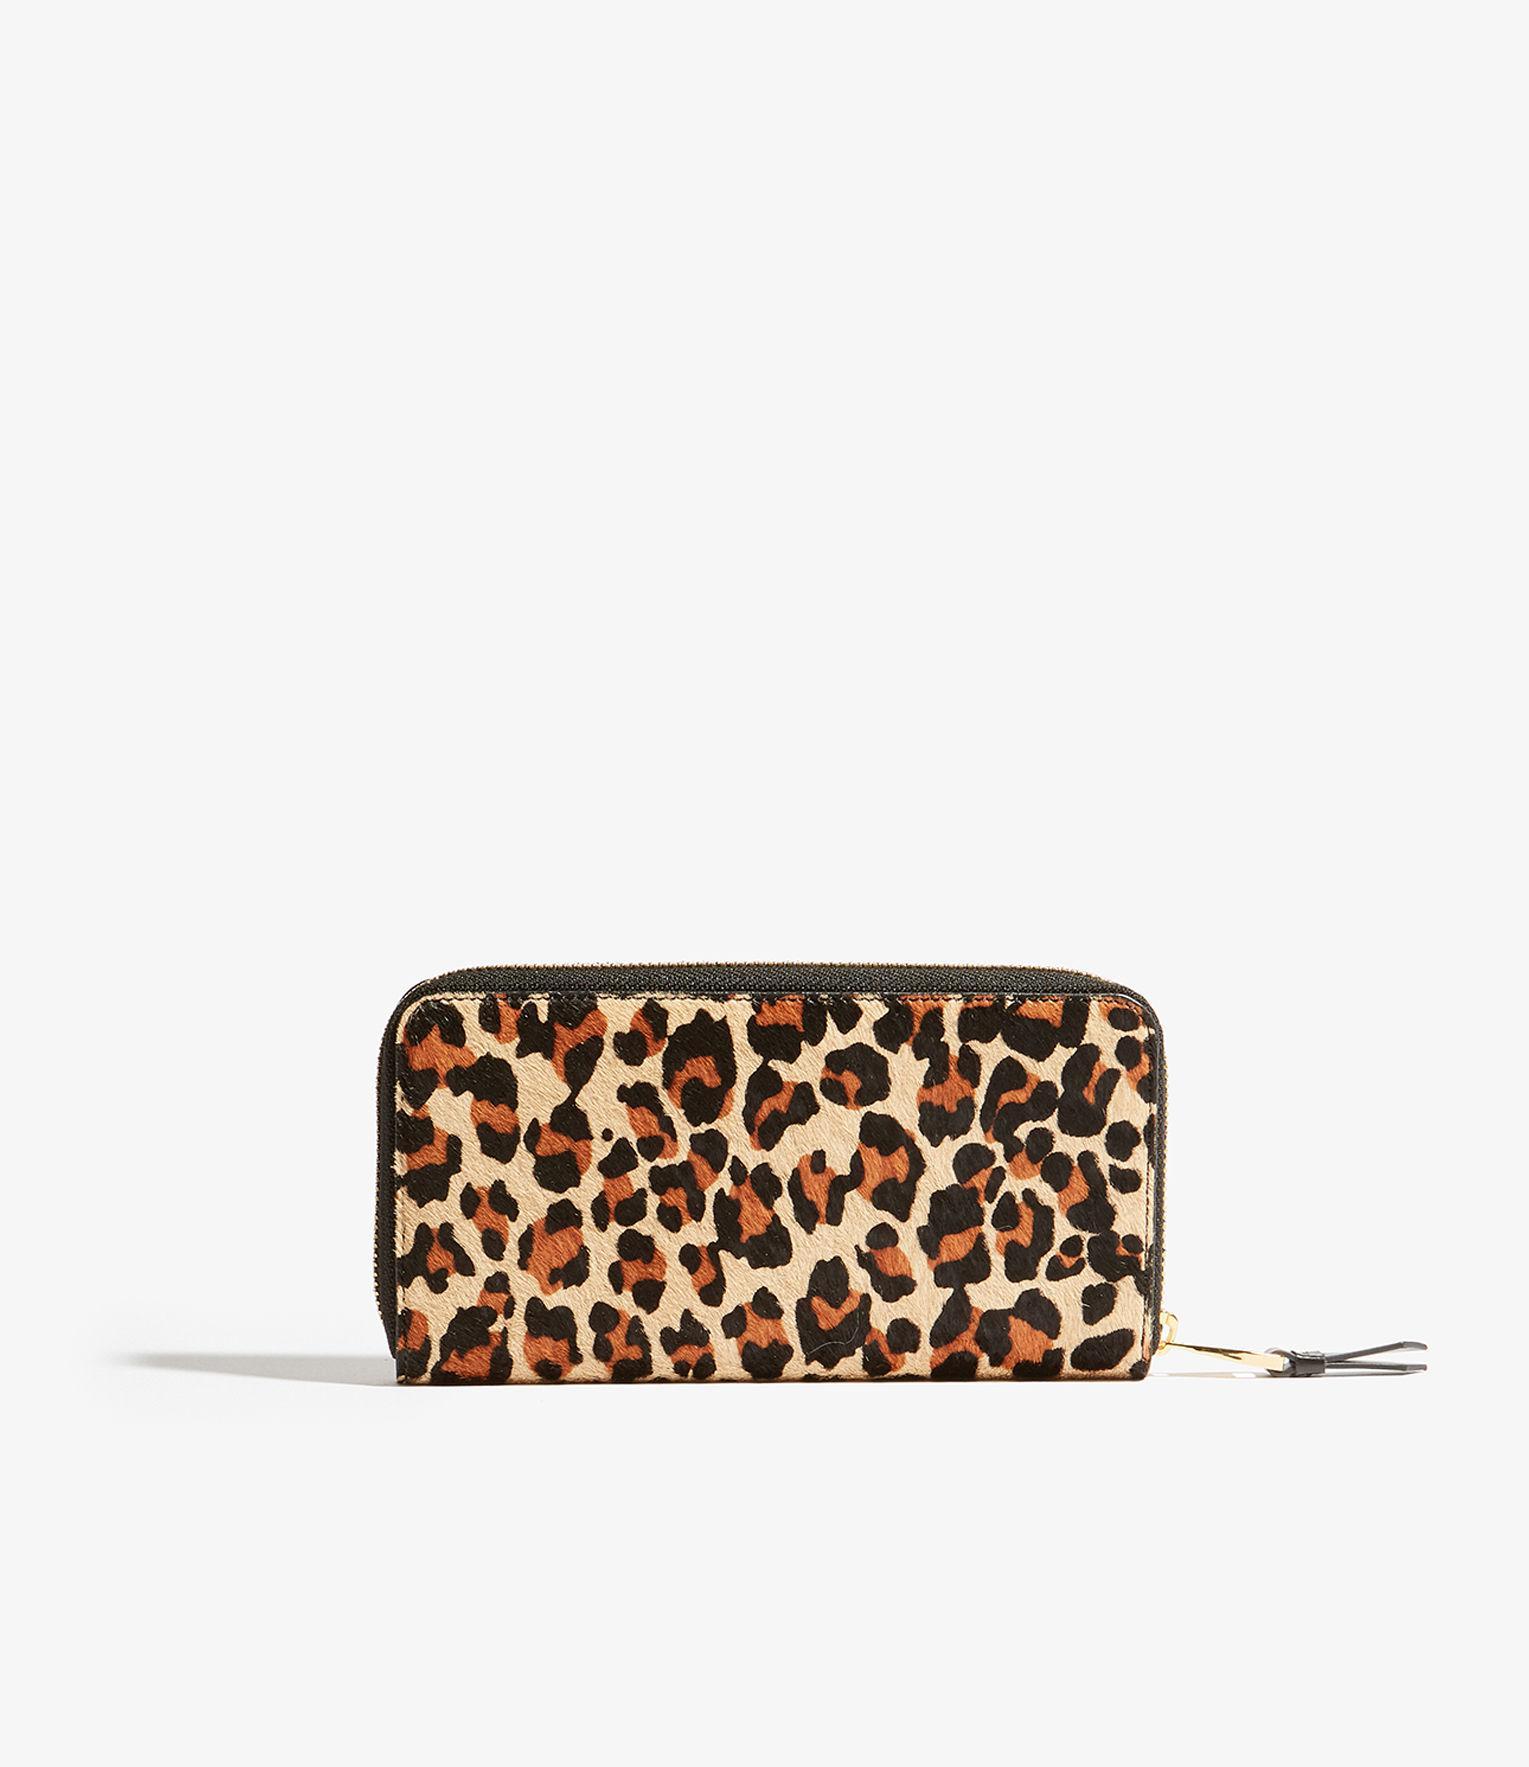 c05a2cec53e Karen Millen Leopard Full-zip Purse - Lyst